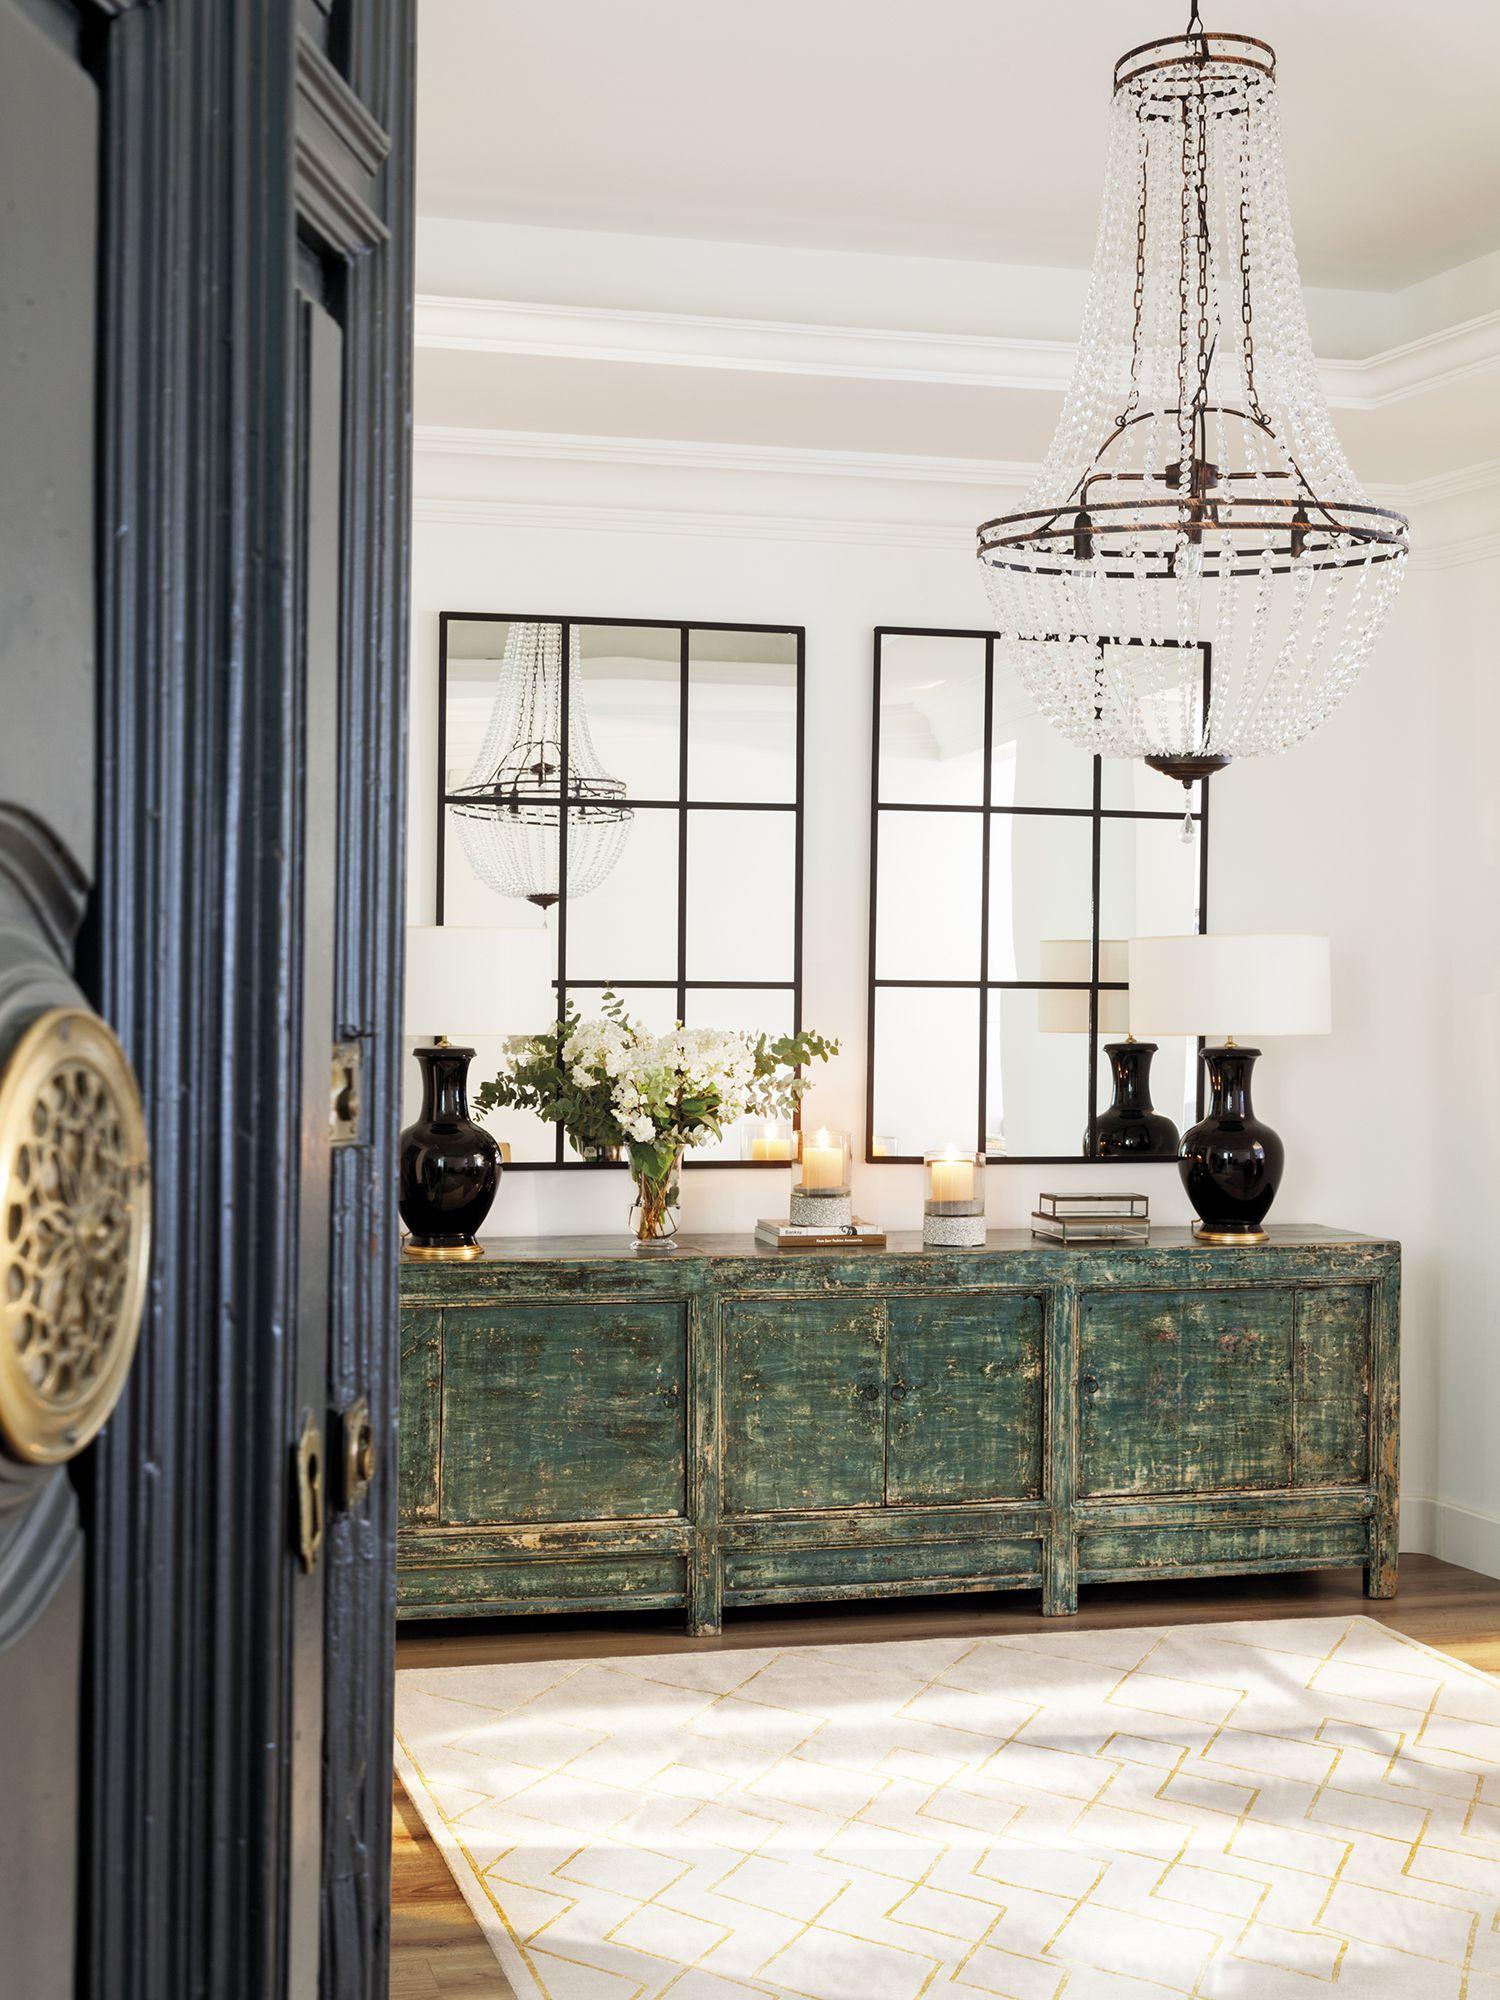 Tengo ganas de algo más suave | Muebles verdes, Madera envejecida y ...